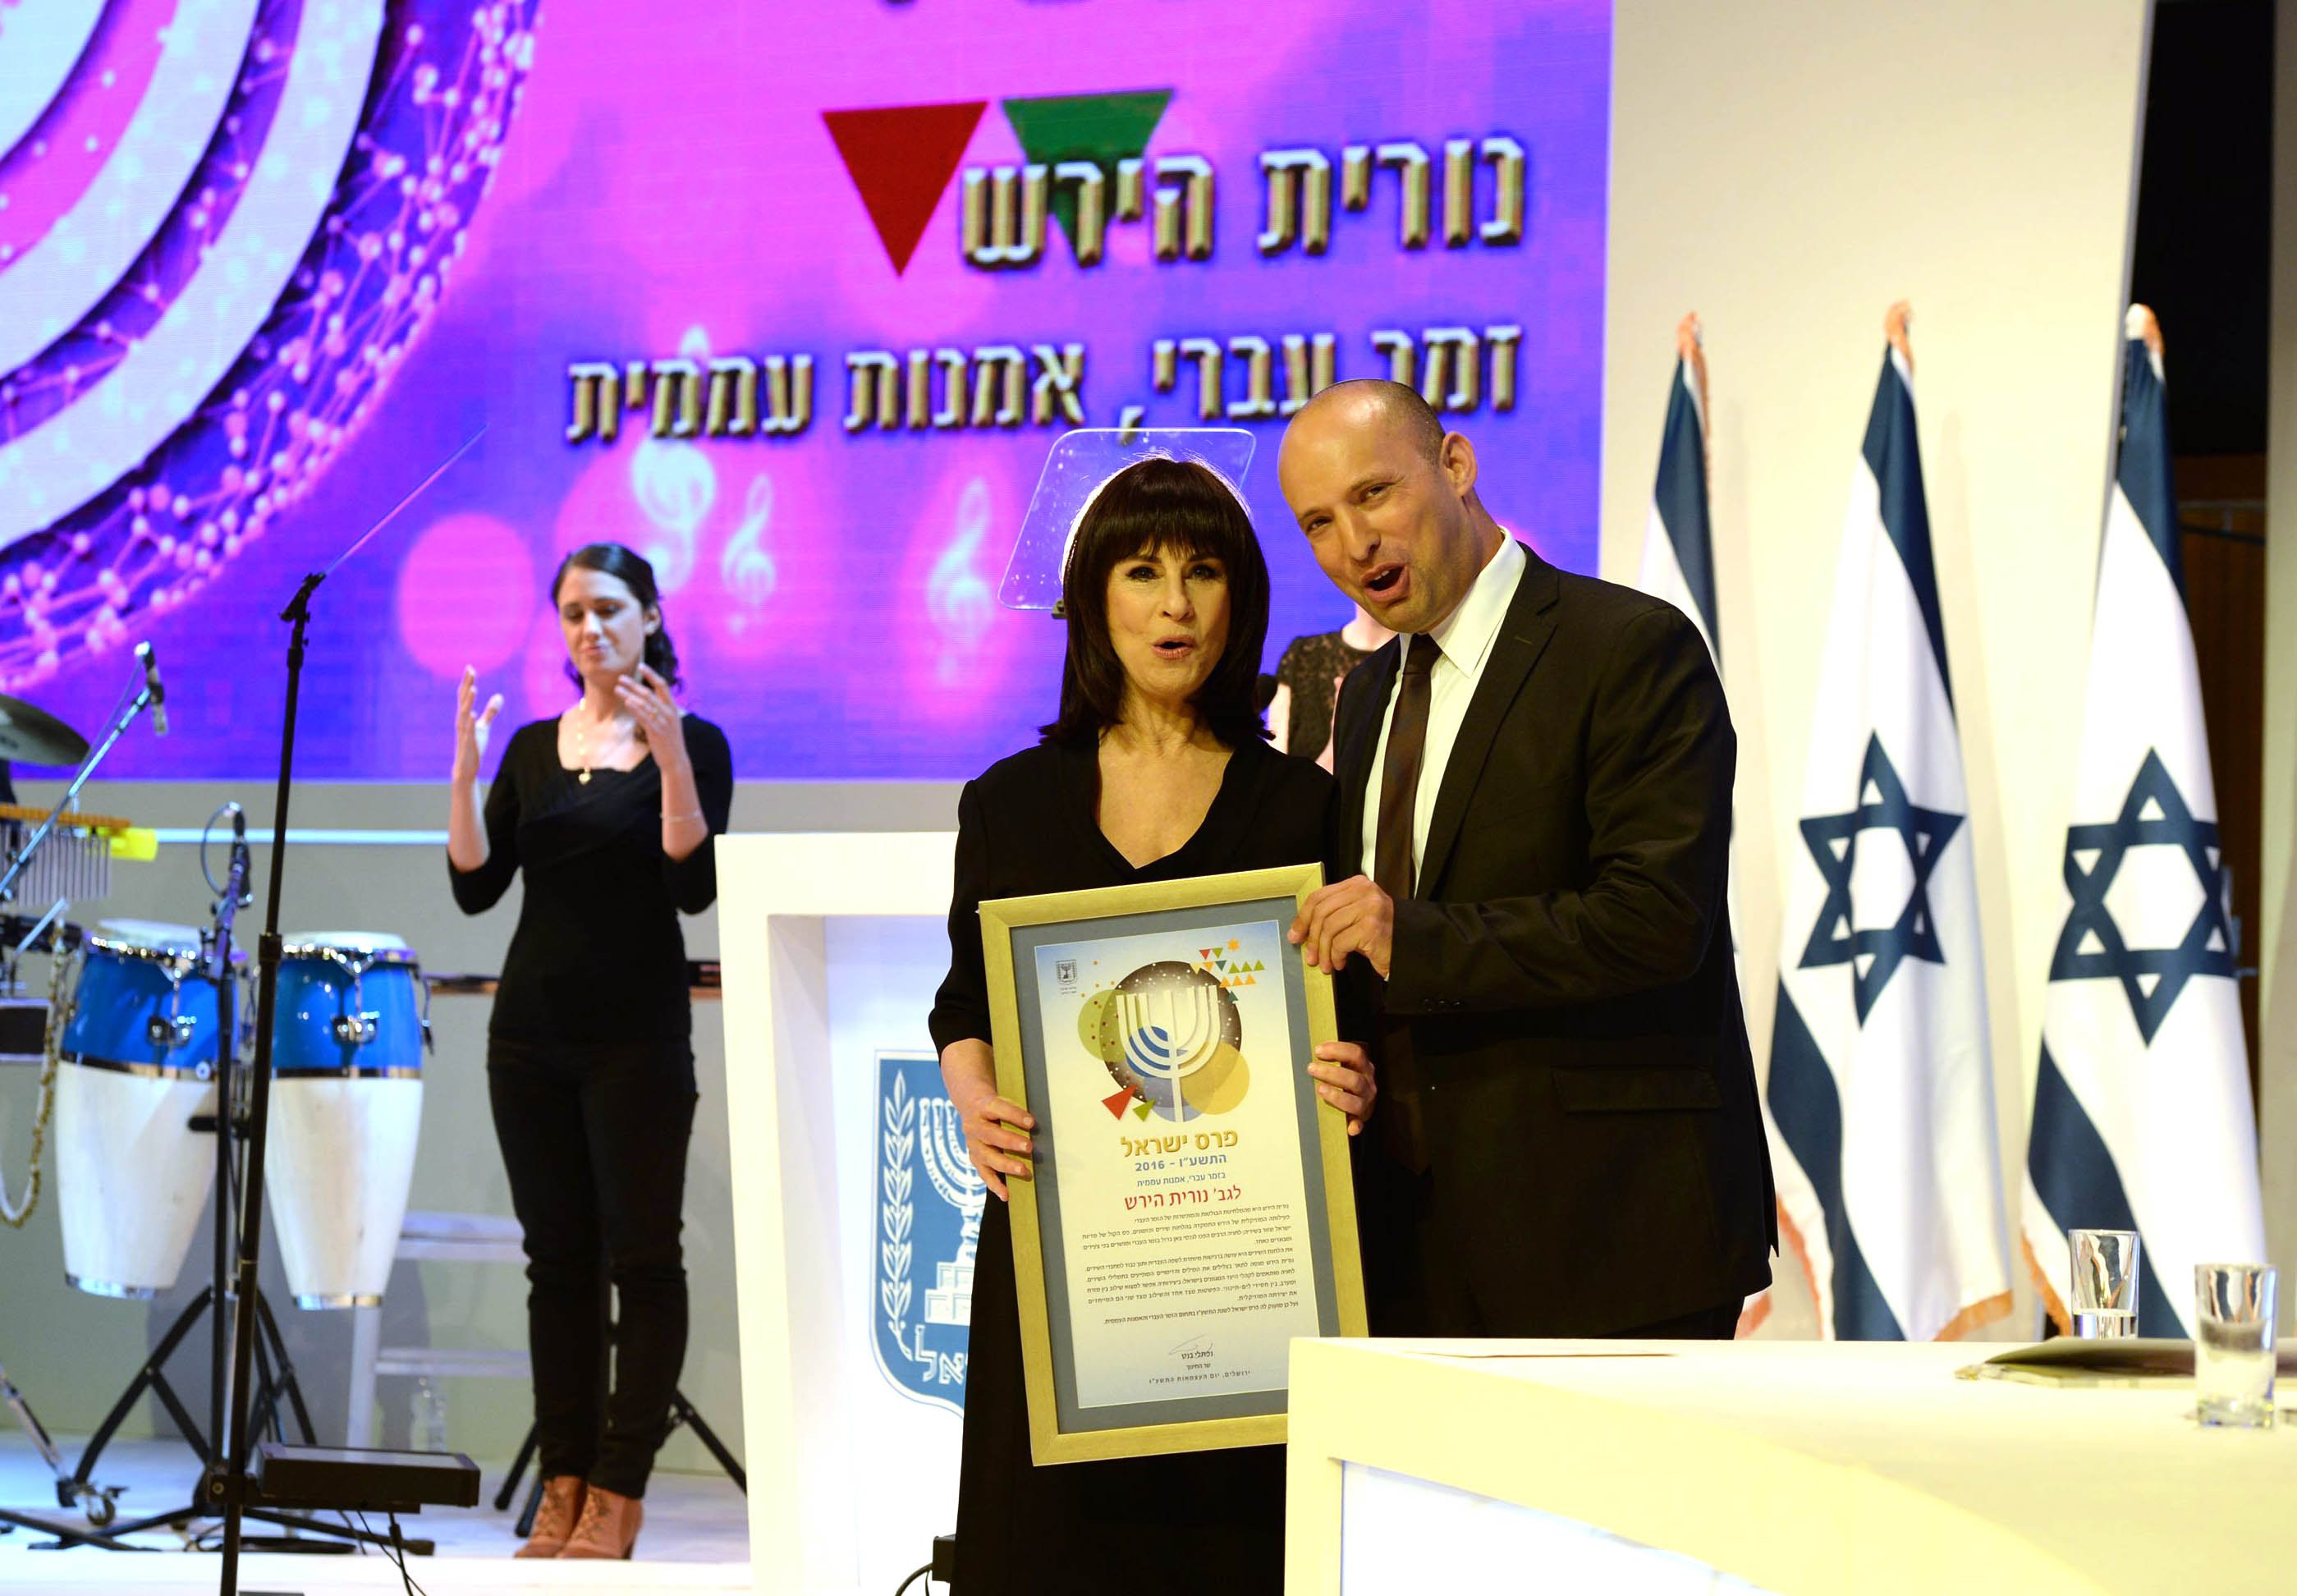 נורית הירש מקבלת את פרס ישראל לזמר עברי לשנת 2016